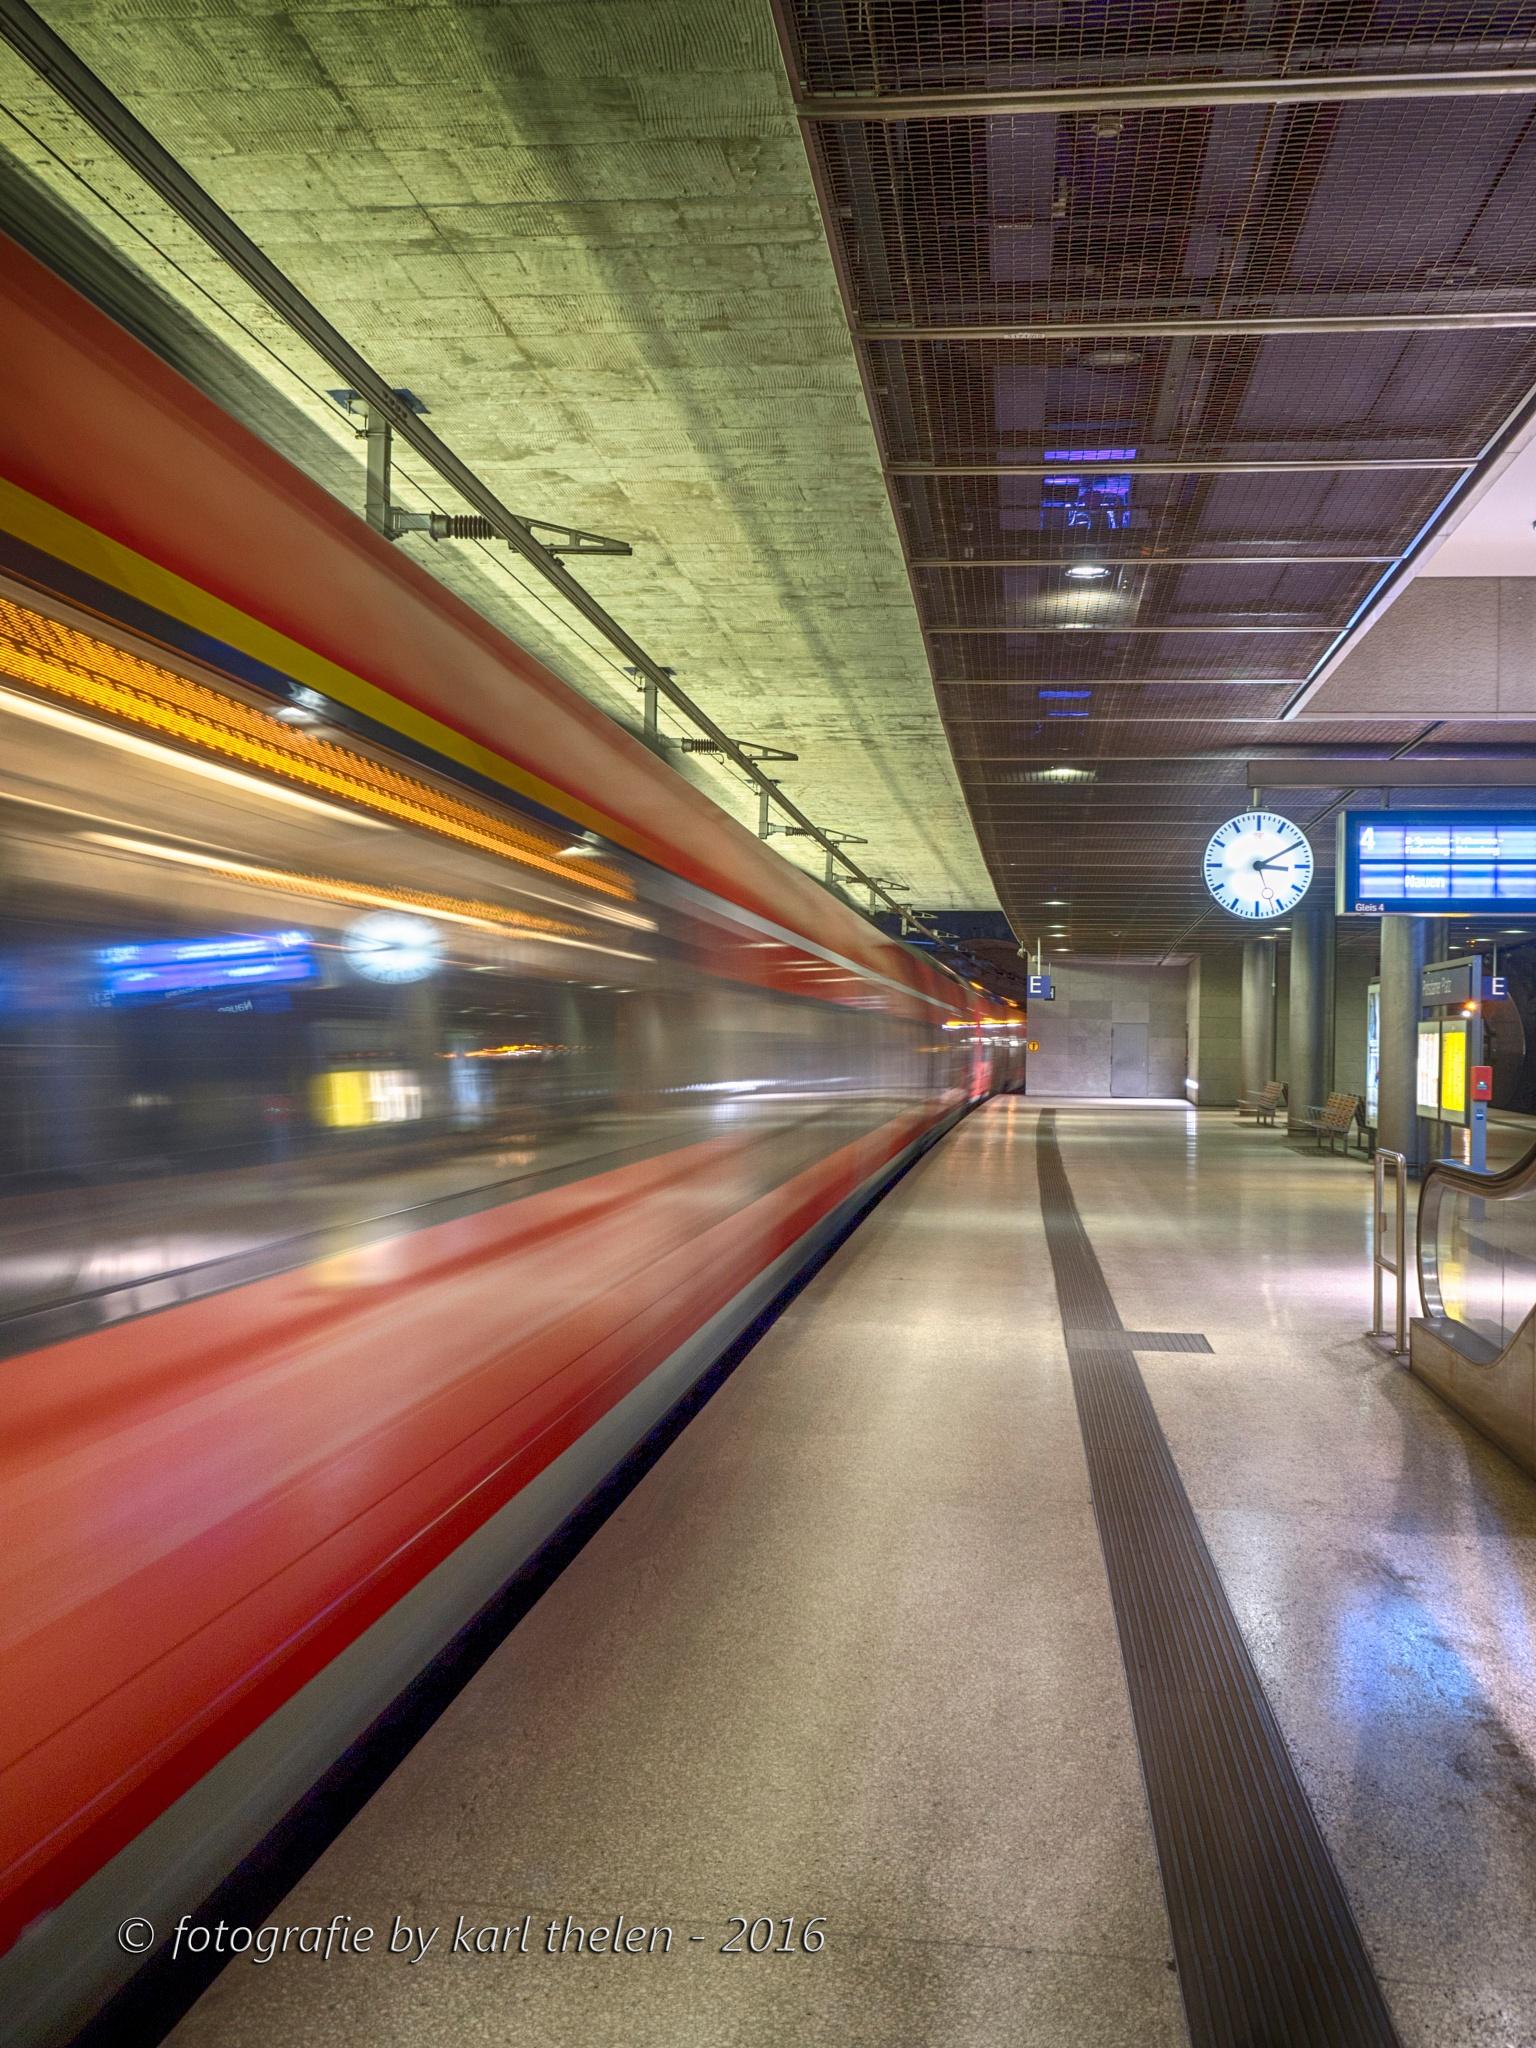 rail station by karl hotz-thelen